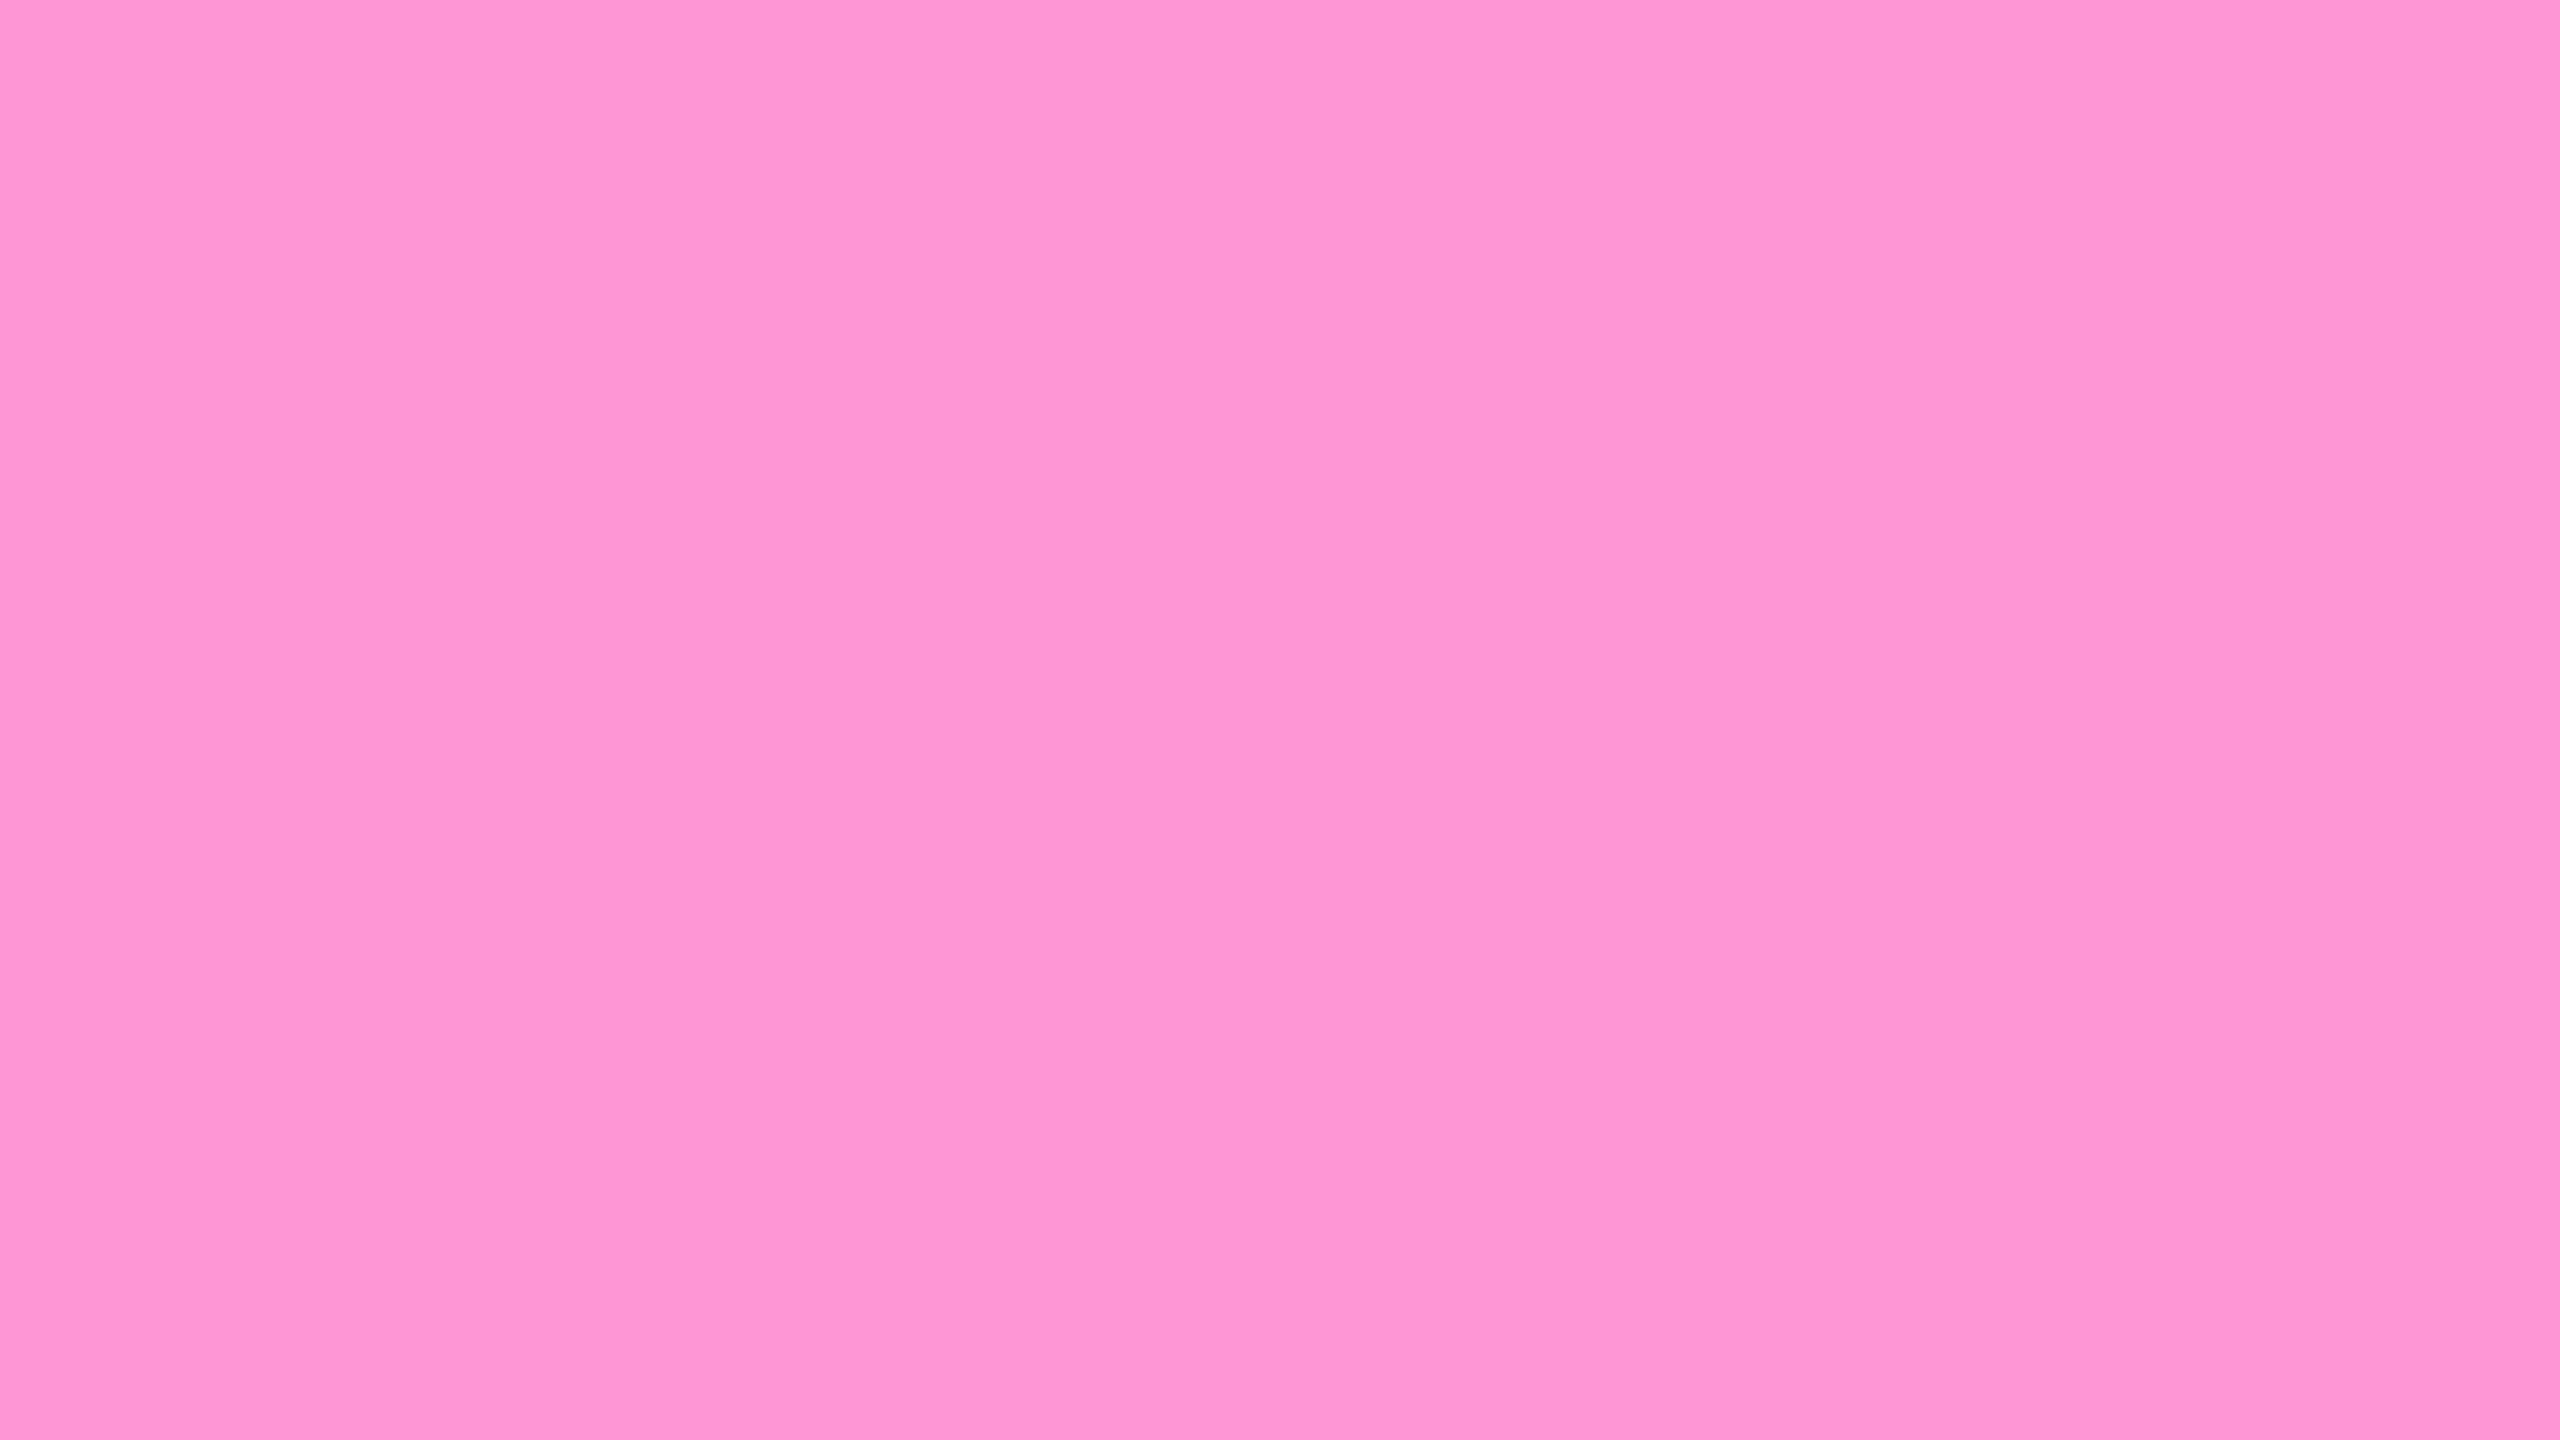 920329 widescreen pink computer wallpaper 2560x1440 for windows